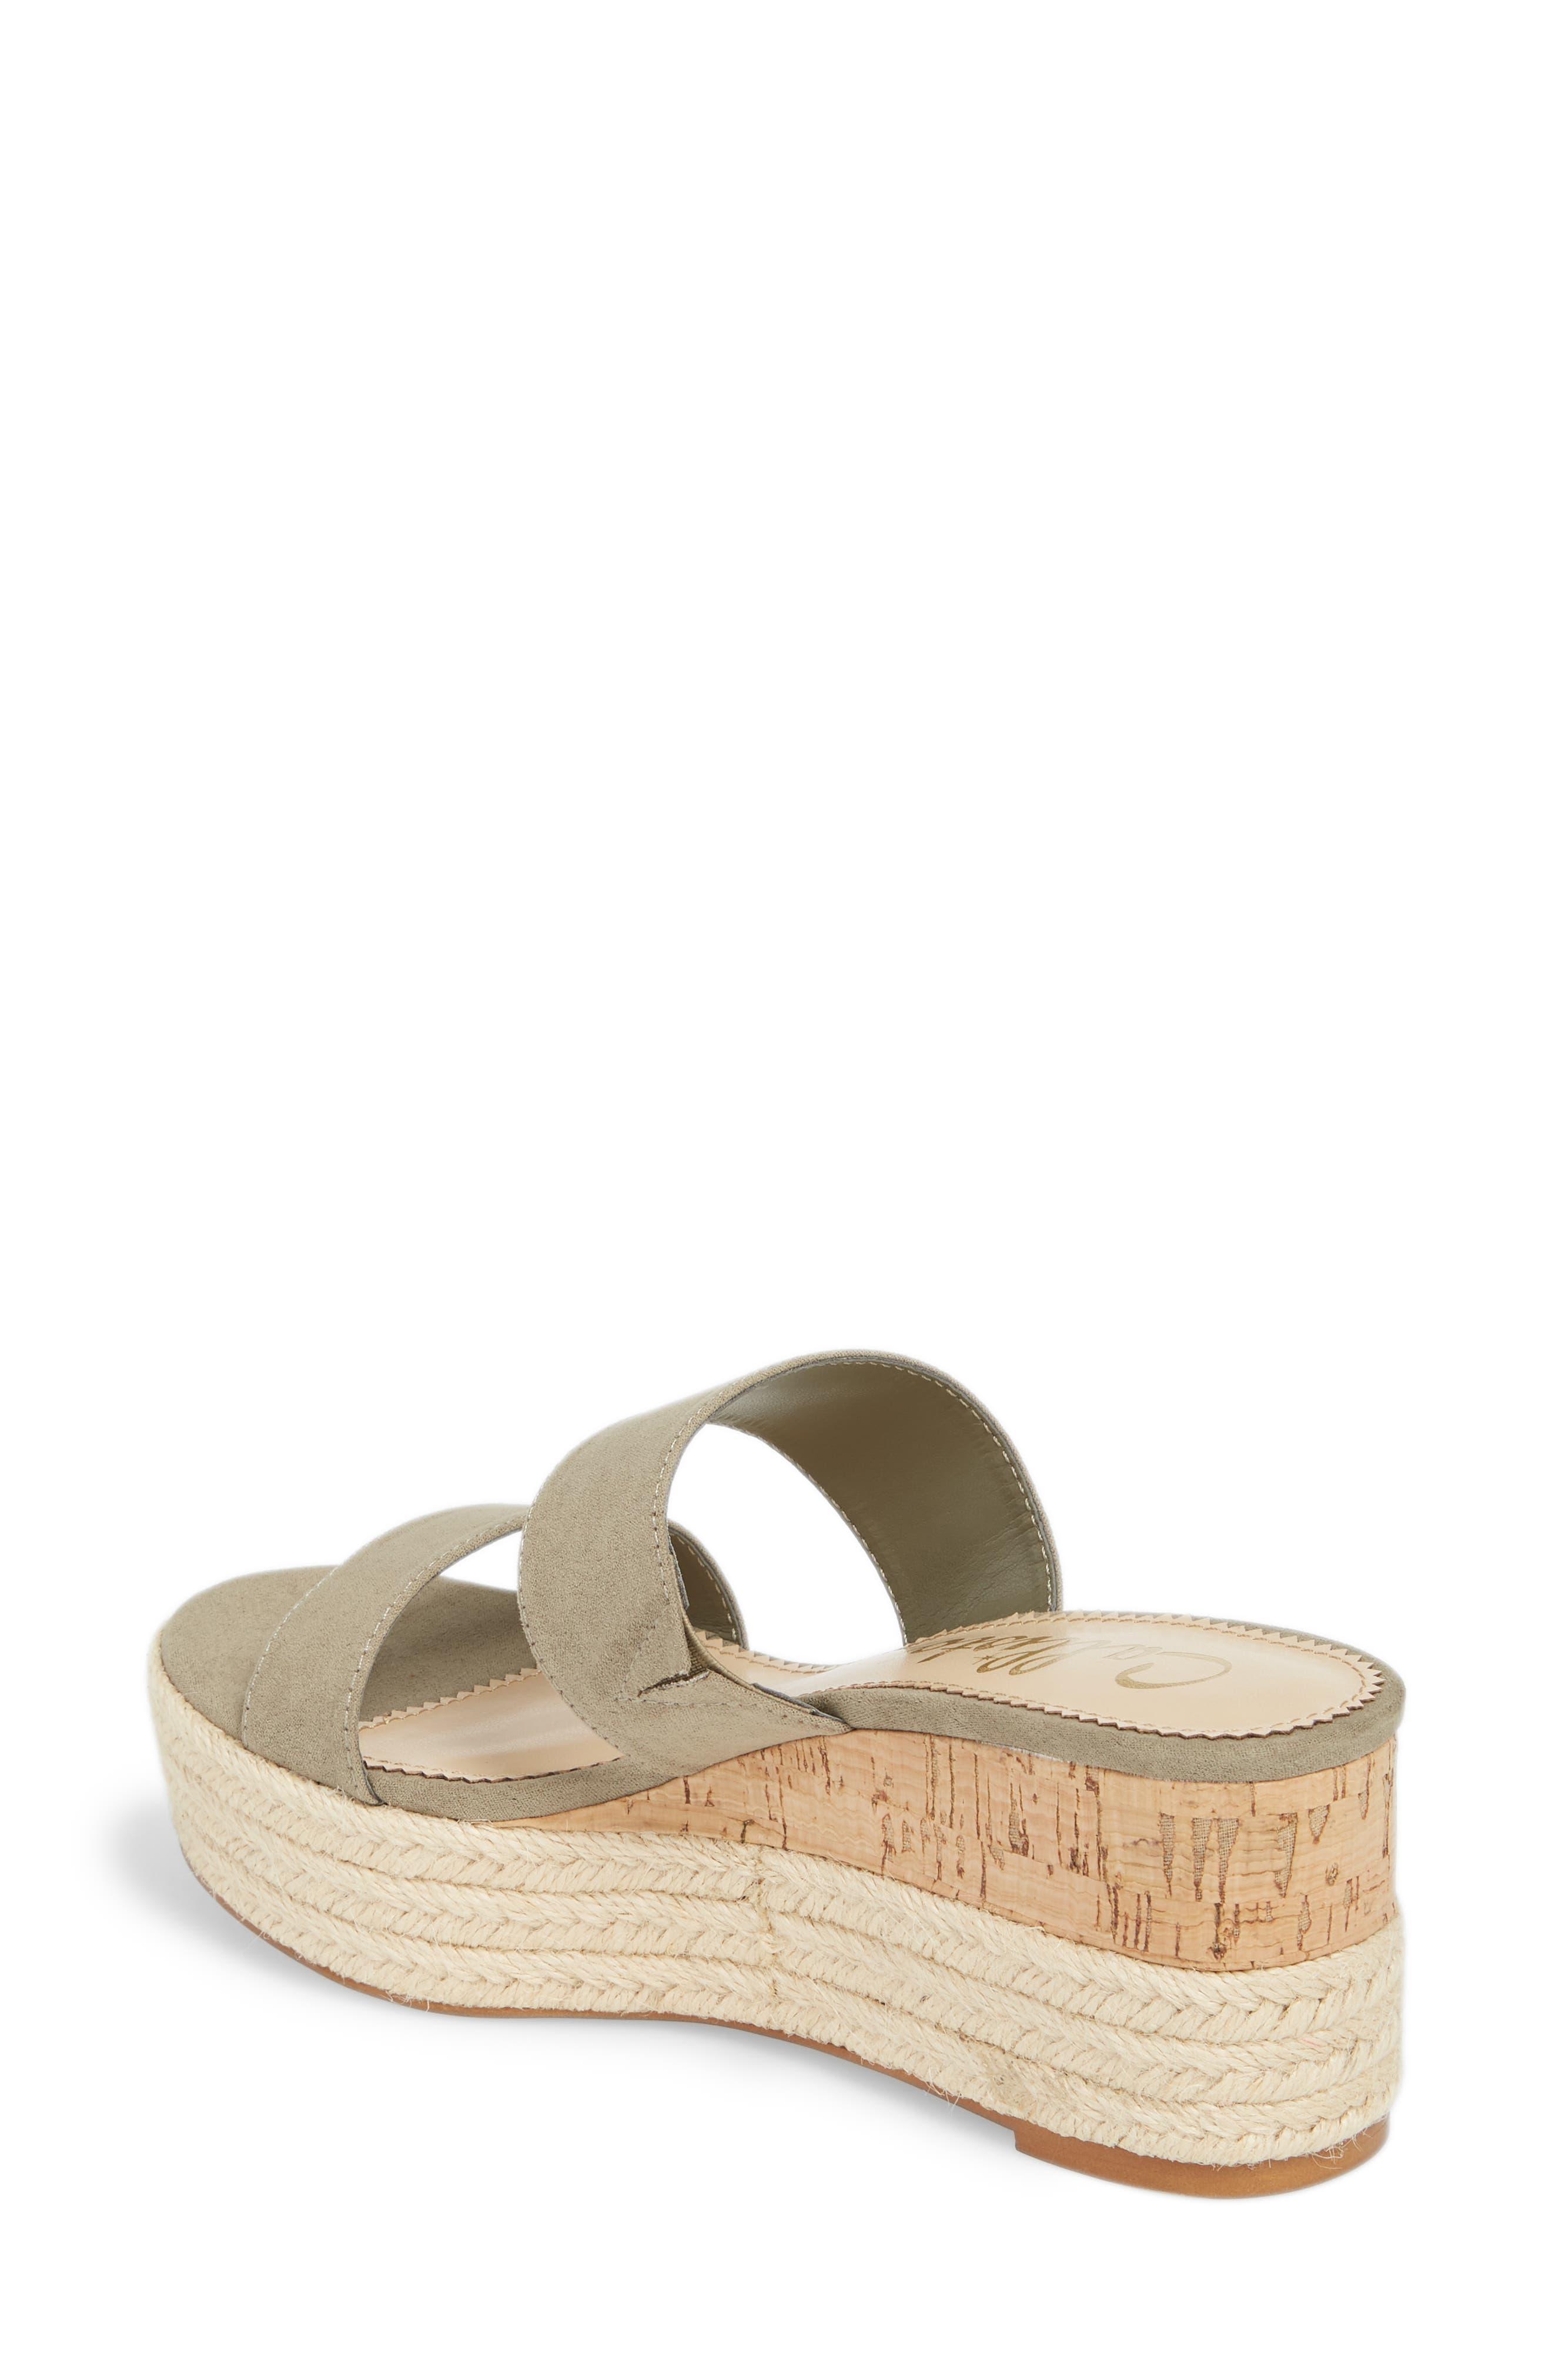 Foundation Platform Slide Sandal,                             Alternate thumbnail 2, color,                             Sage Suede